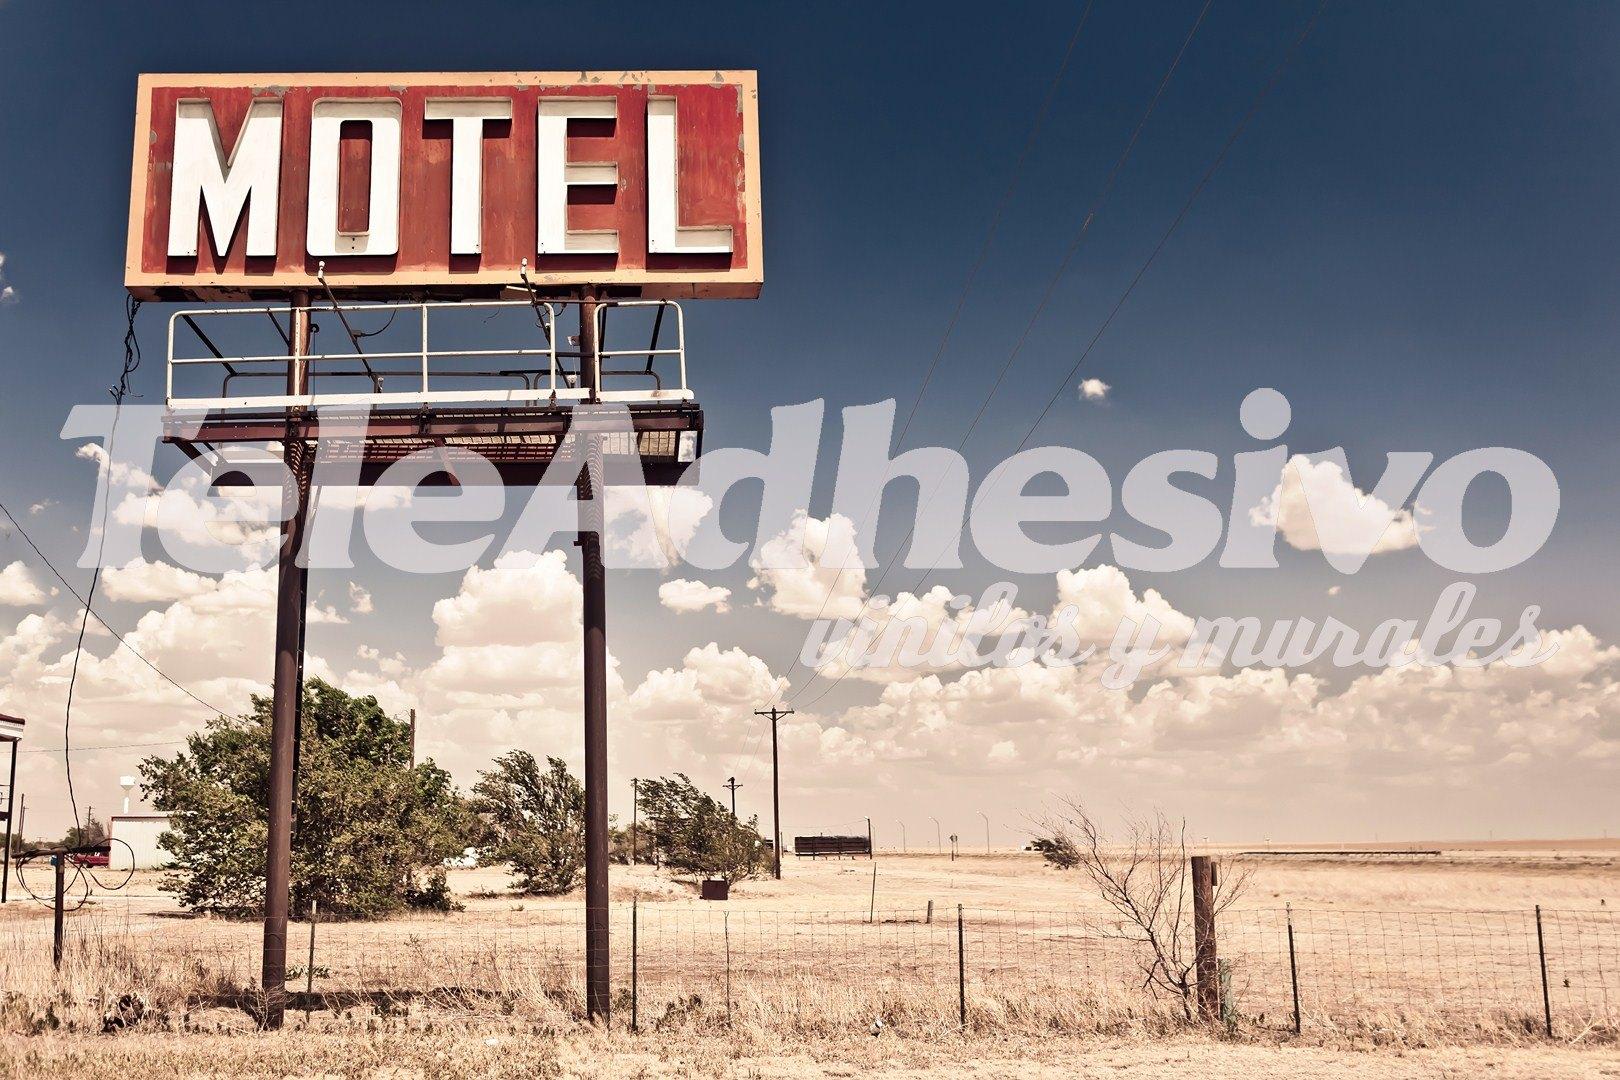 Fototapeten: Motel on Route 66